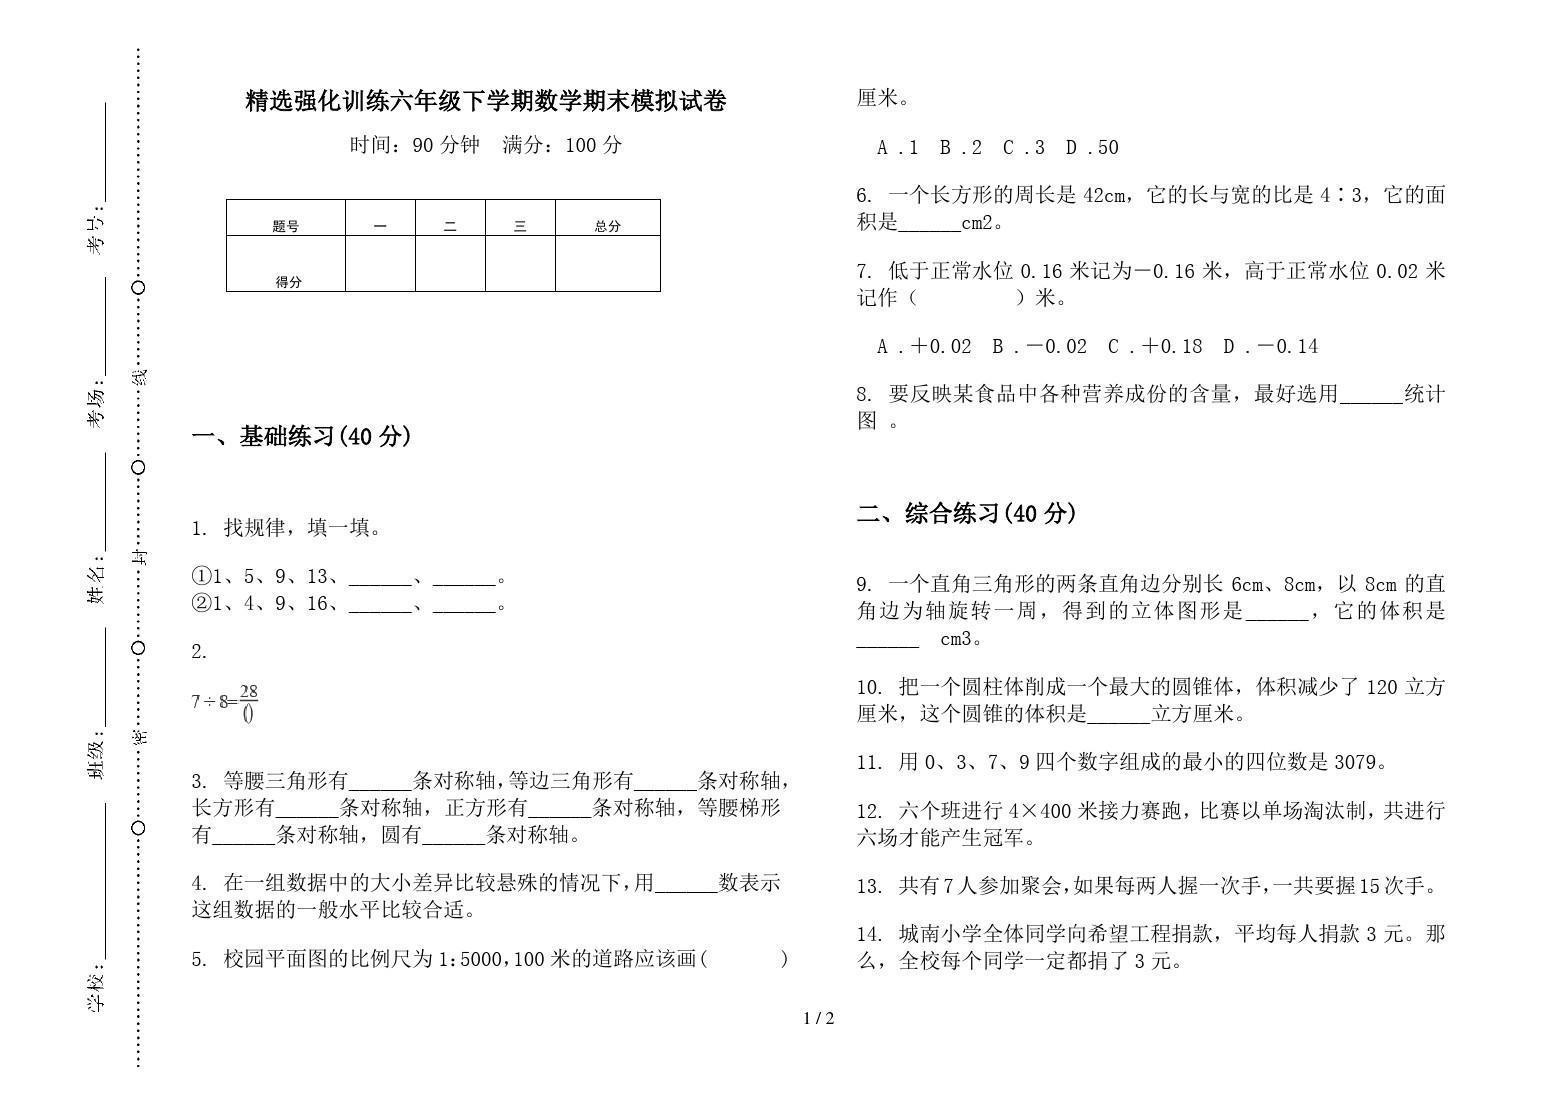 精选强化训练六年级下学期数学期末模拟试卷答案